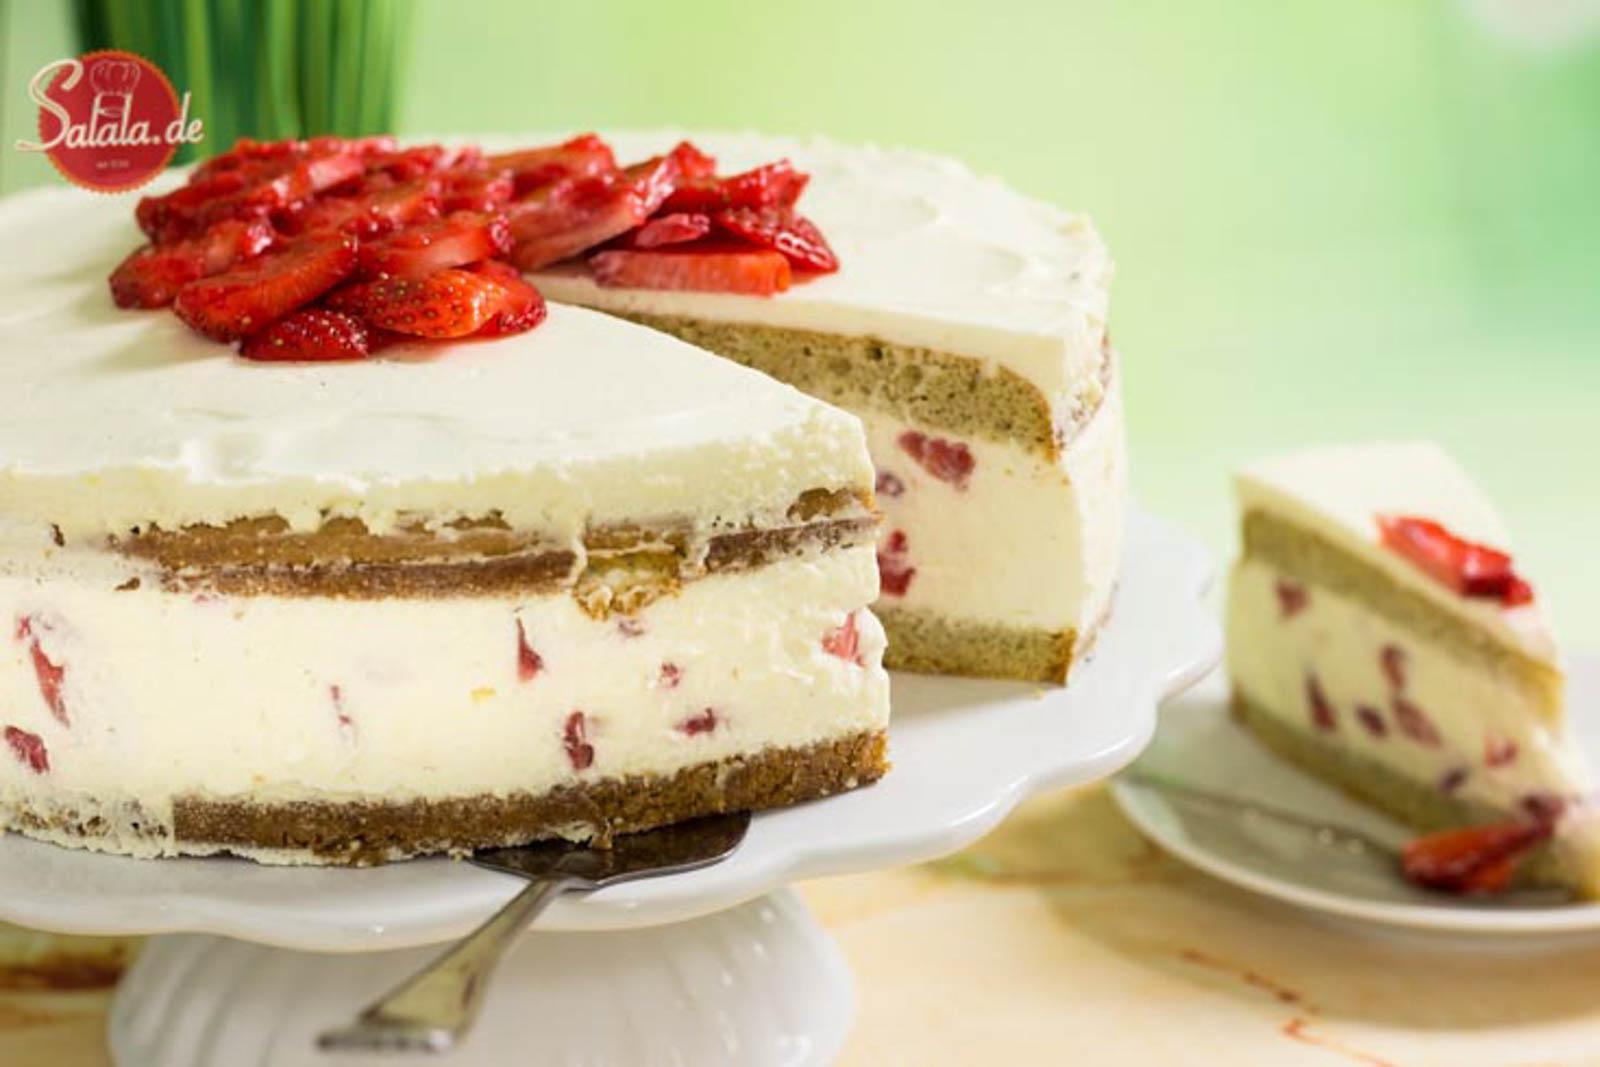 Naked Cake Erdbeertorte - by salala.de - zum Muttertag Low Carb Rezept ohne Mehl und ohne Zucker und absolut glutenfrei